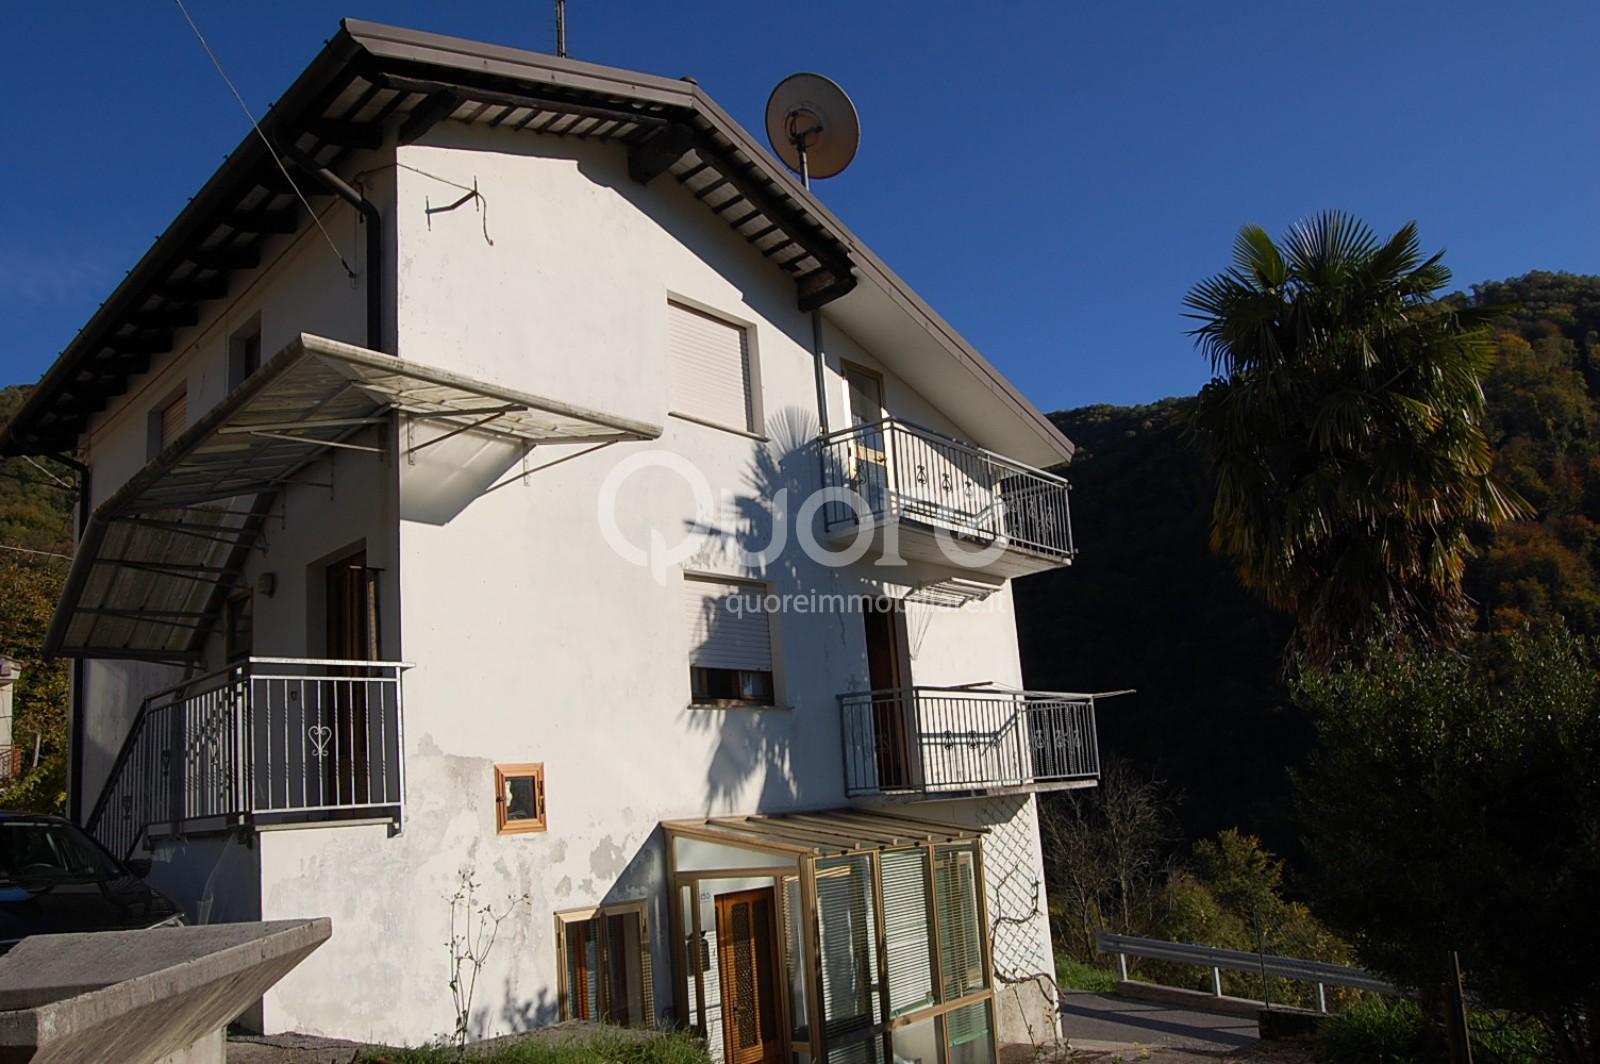 Soluzione Indipendente in vendita a Pulfero, 8 locali, zona Località: Zeiaz, prezzo € 45.000 | CambioCasa.it